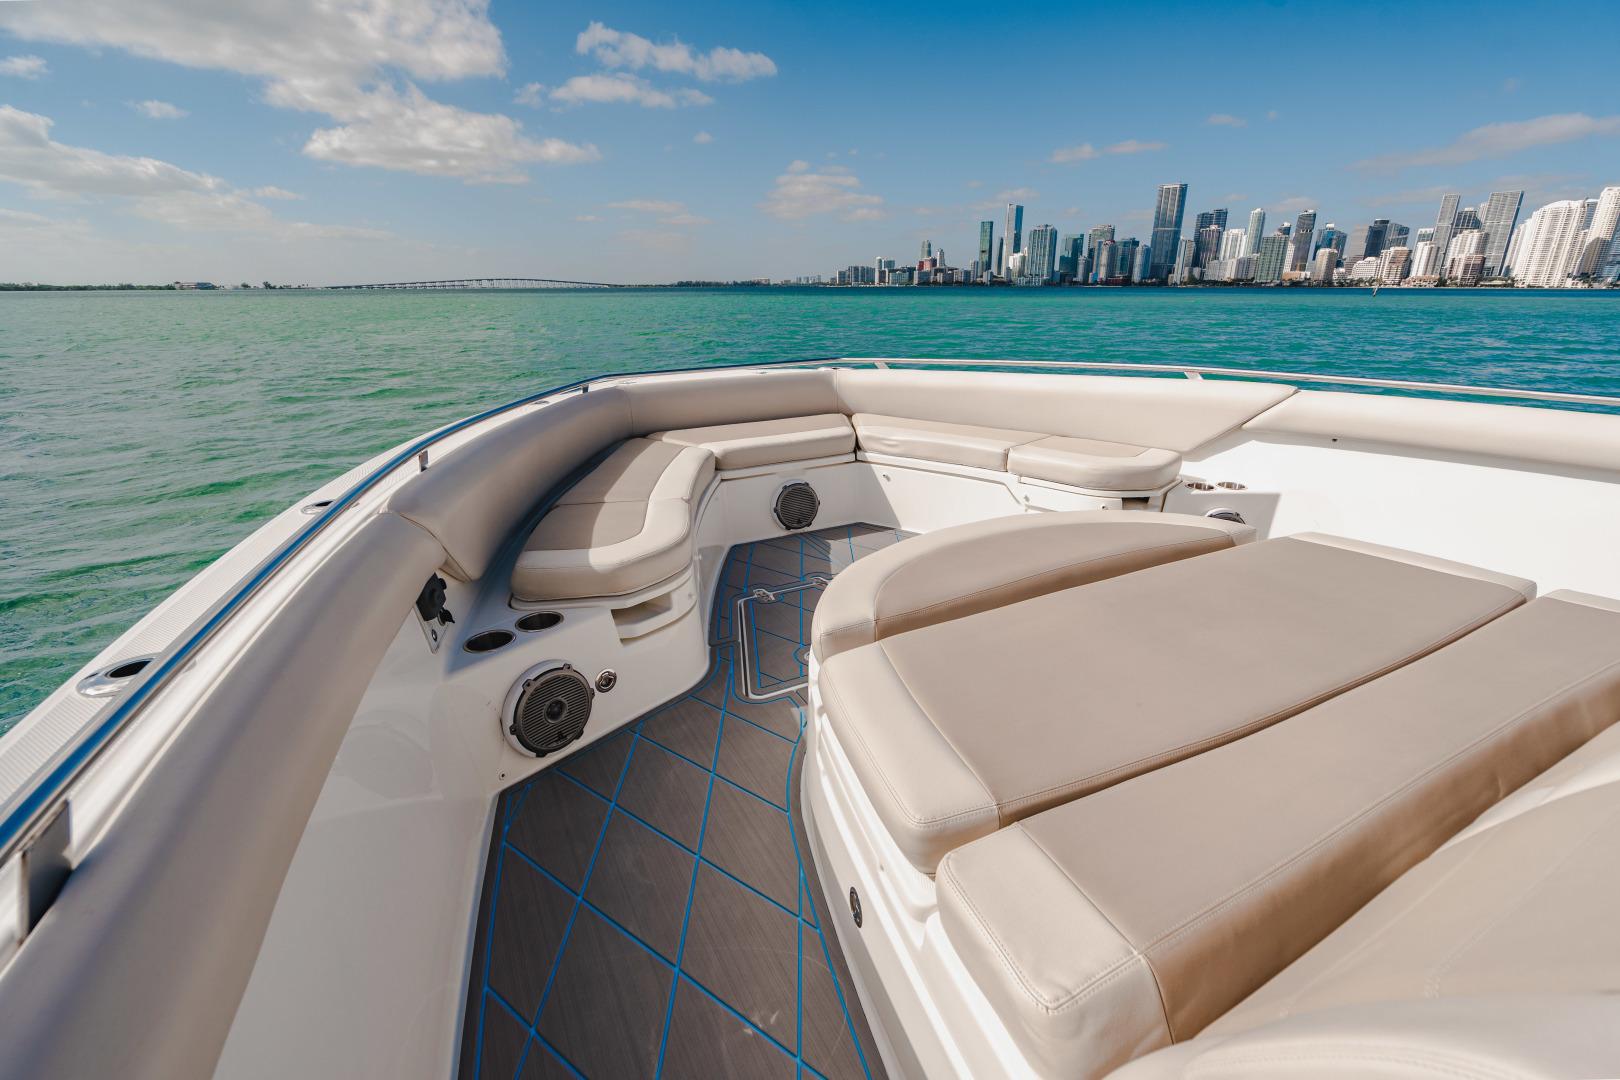 Boston Whaler-Outrage 2016-Sea Duction Miami Beach -Florida-United States-1557379 | Thumbnail